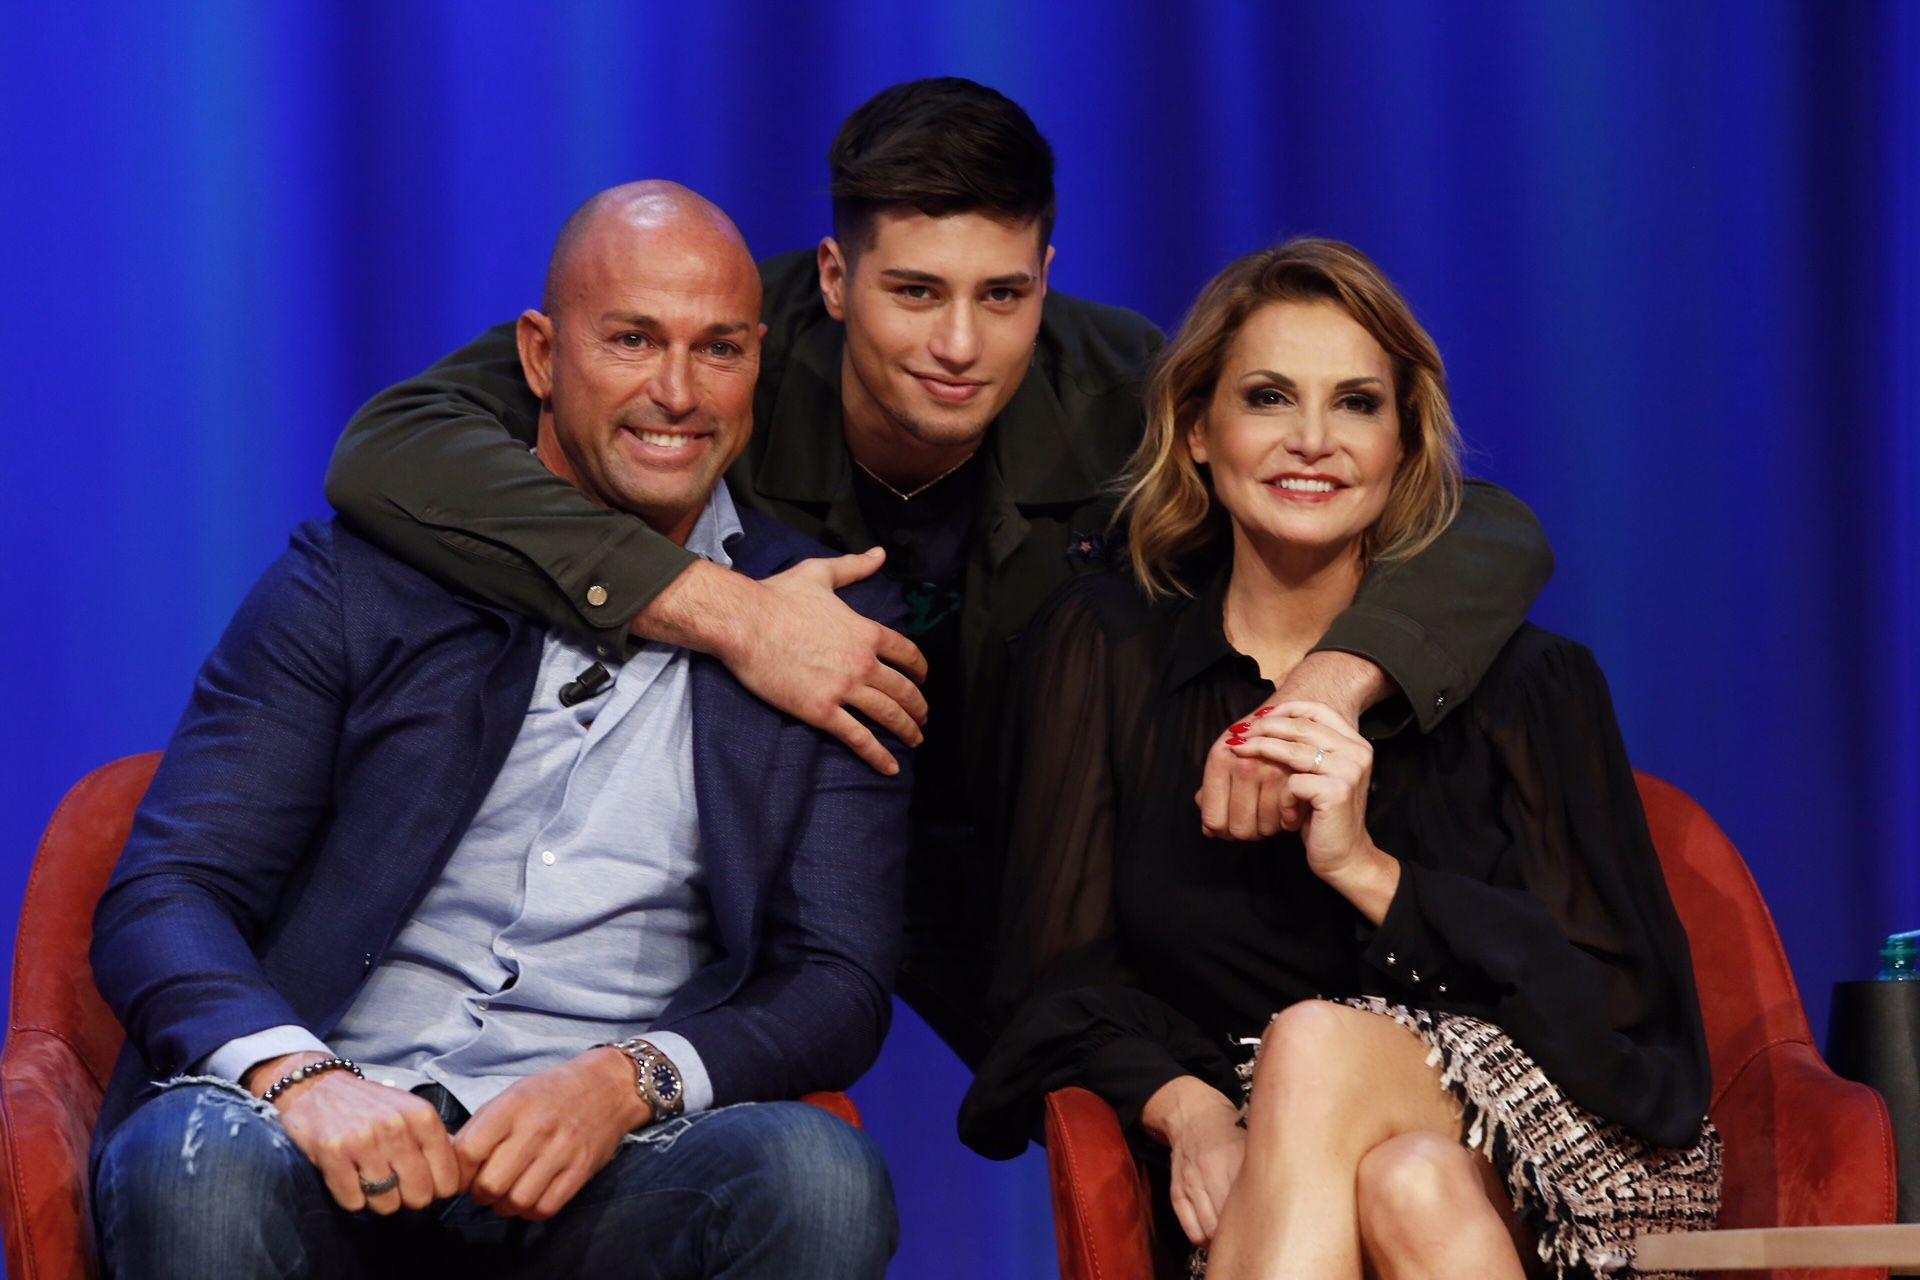 Niccolò Bettarini con Carolina Schiavi di Temptation Island e Simona Ventura approva